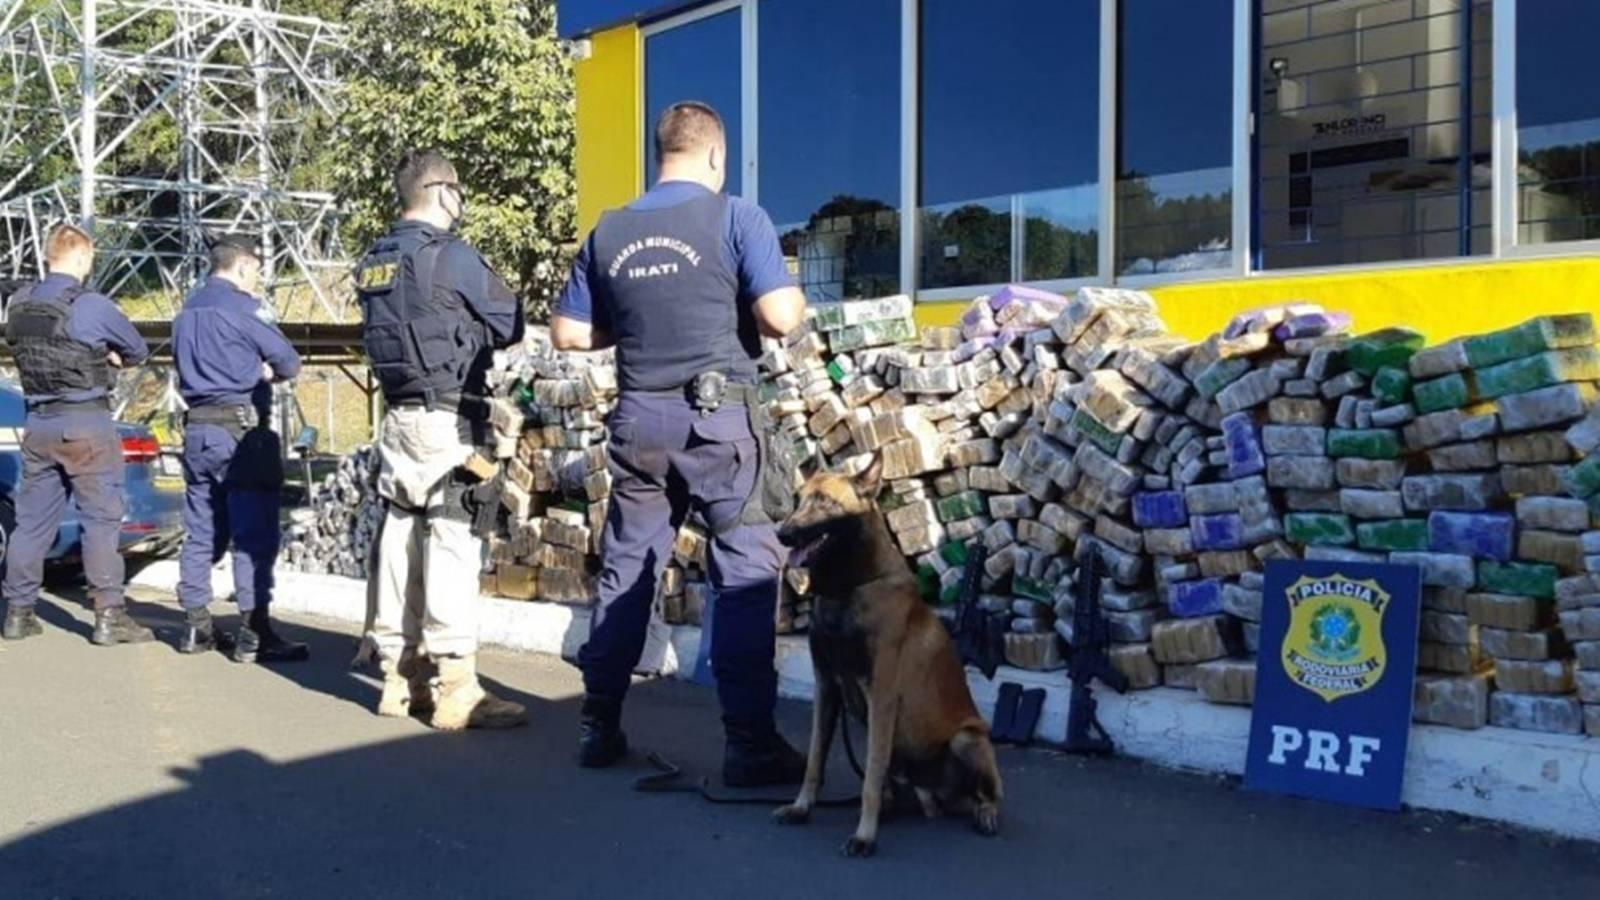 PRF e Guarda Municipal apreendem dois fuzis e 1,7 tonelada de maconha em Irati-PR